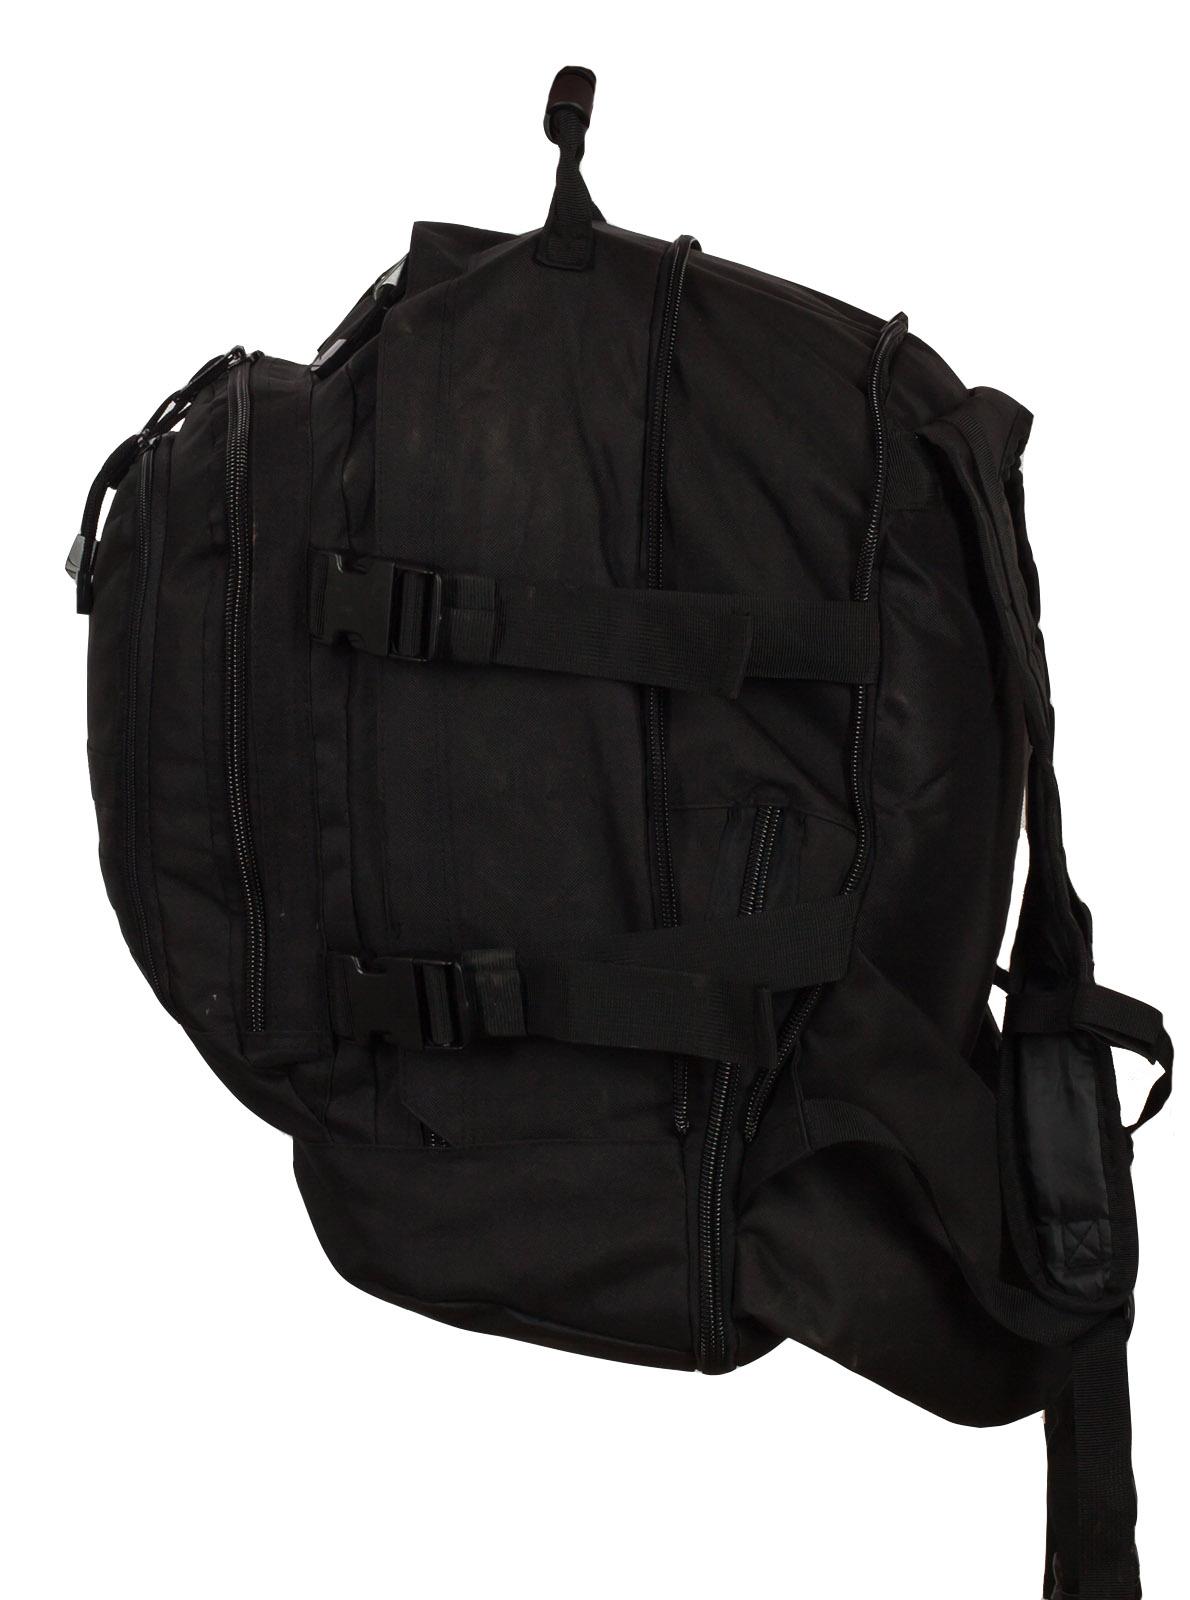 Армейский черный рюкзак с нашивкой МВД - заказать онлайн